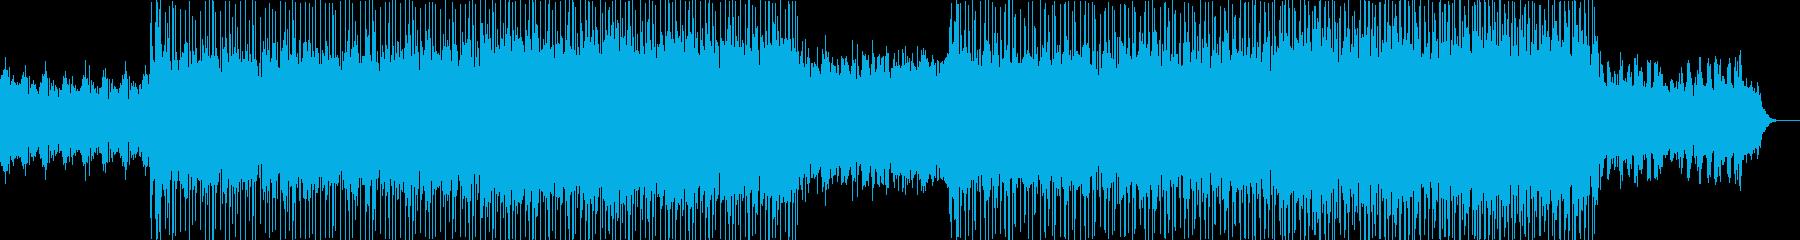 オープニング企業VPイベント-05の再生済みの波形